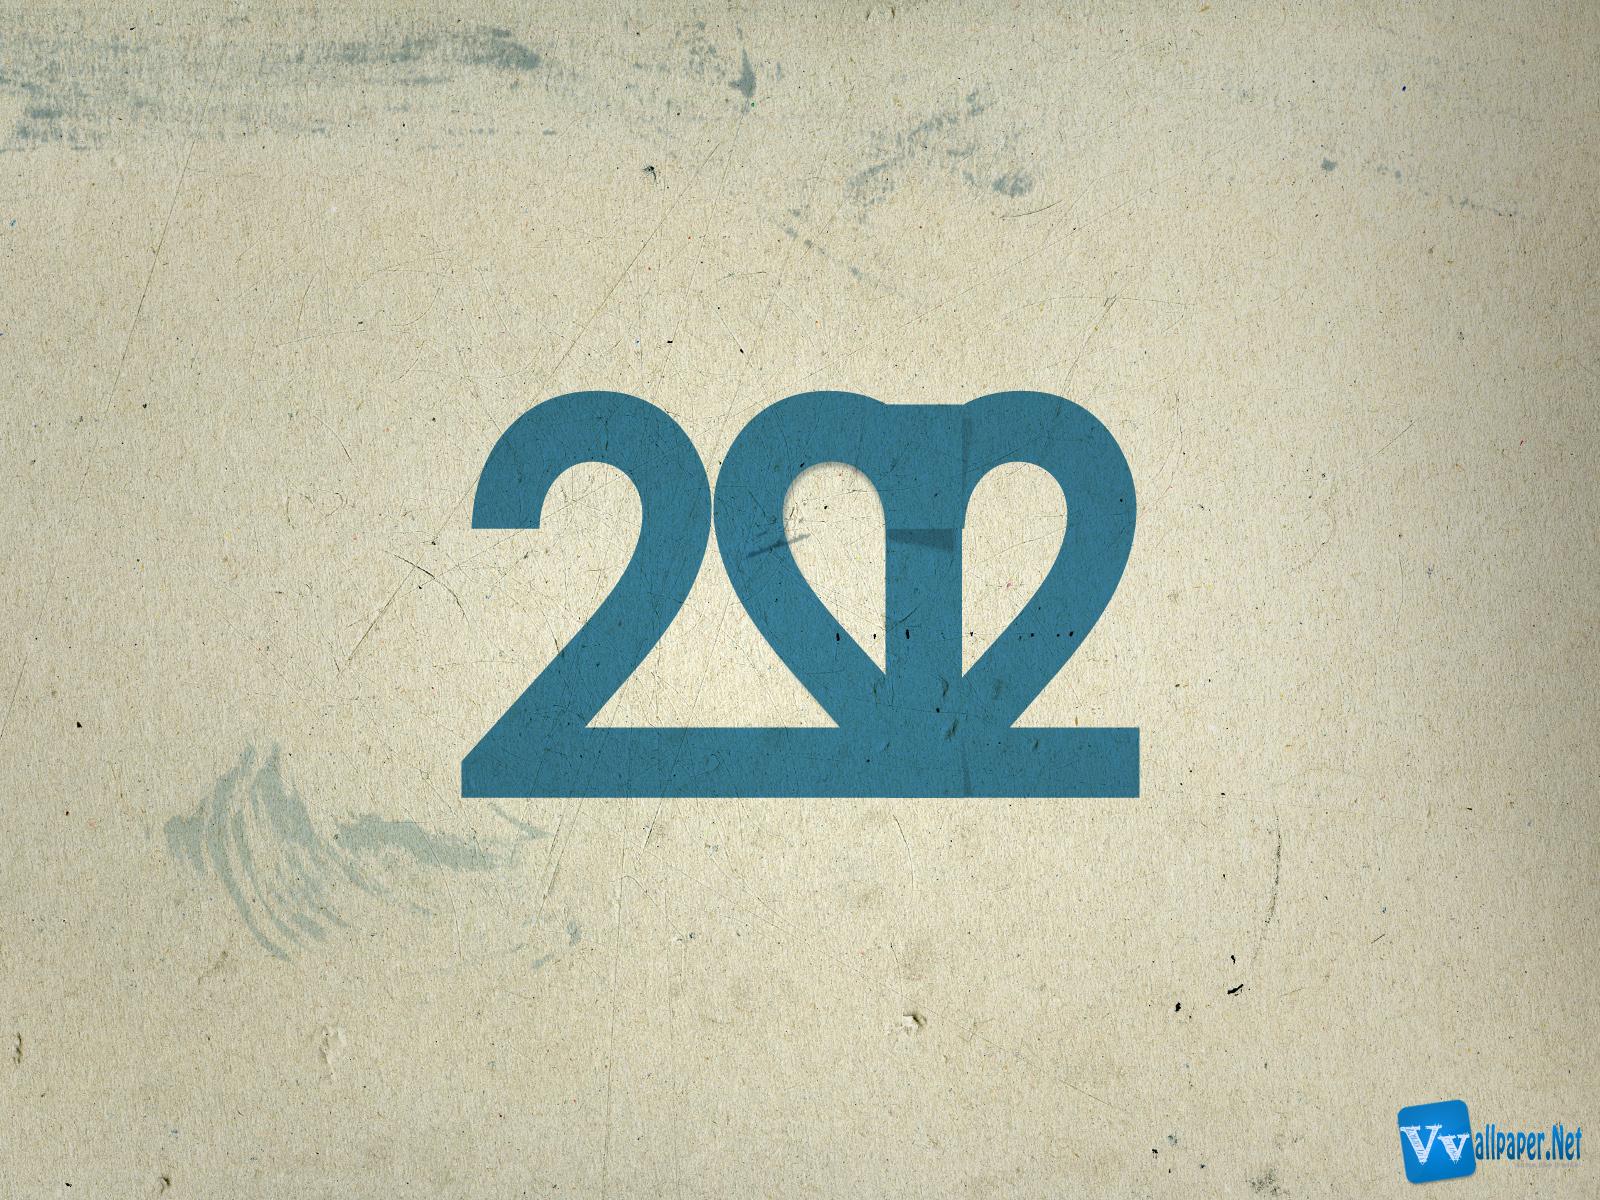 http://3.bp.blogspot.com/-hU_5AJc8804/TtoiZ_UIzdI/AAAAAAAAEs8/EcikpL3pqhg/s1600/Simple_2012_Blue_Textture_Typography_Wallpaper-Vvallpaper.Net.jpg